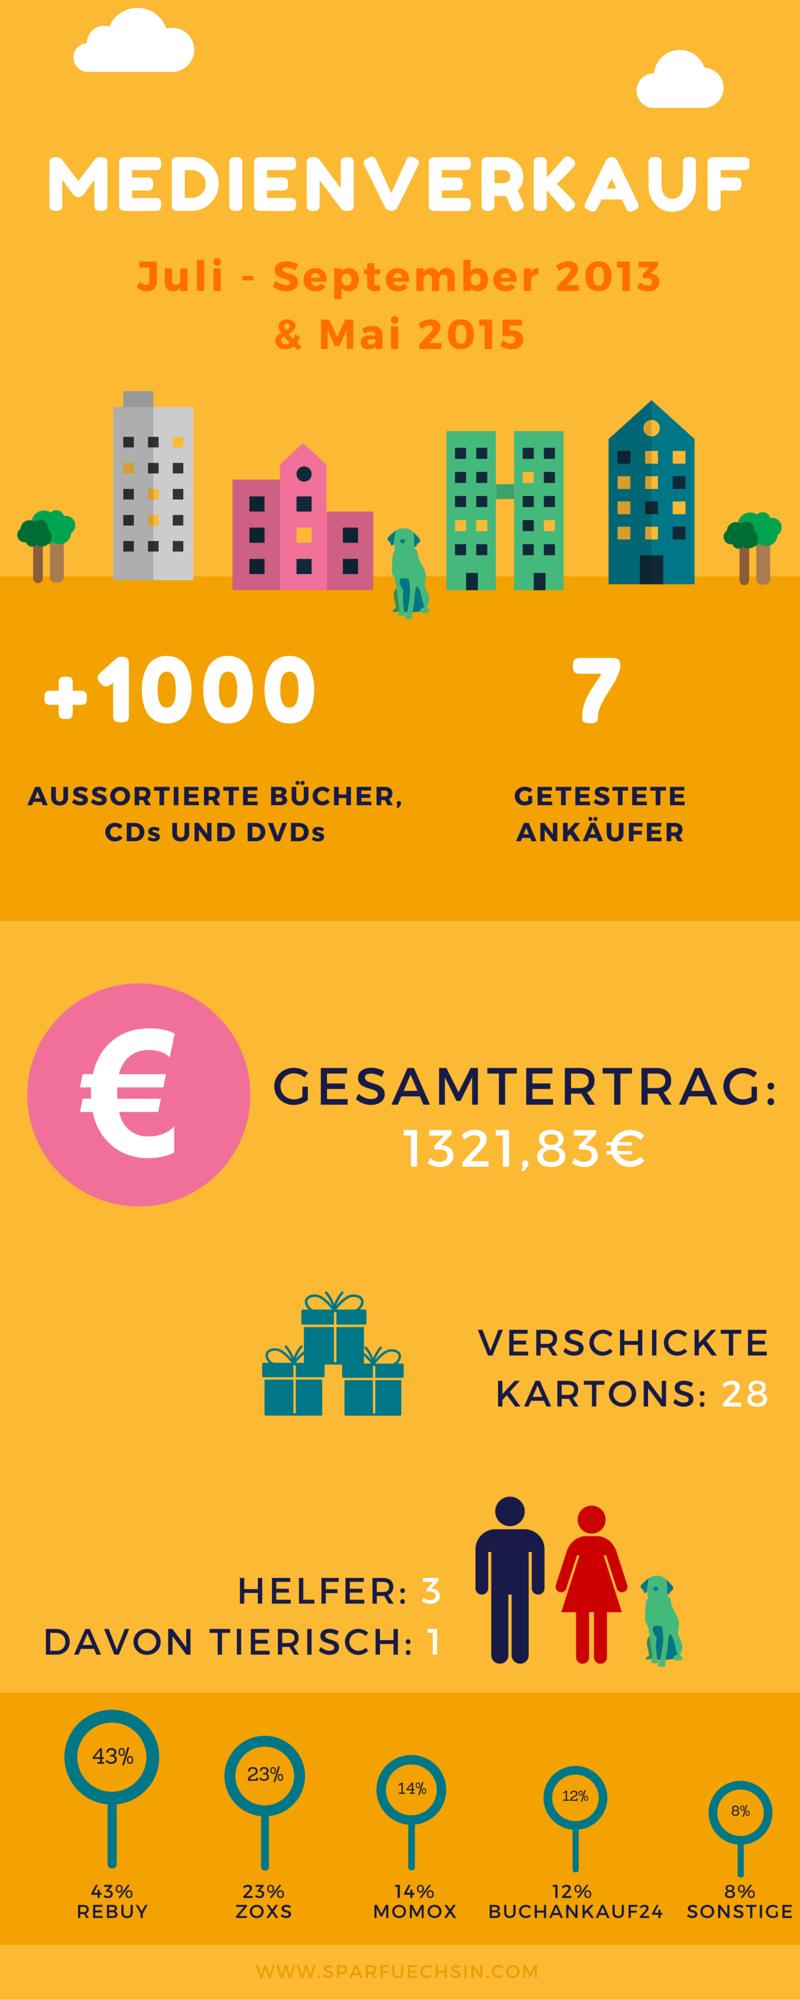 Medienverkauf im Internet - Zahlen und Fakten